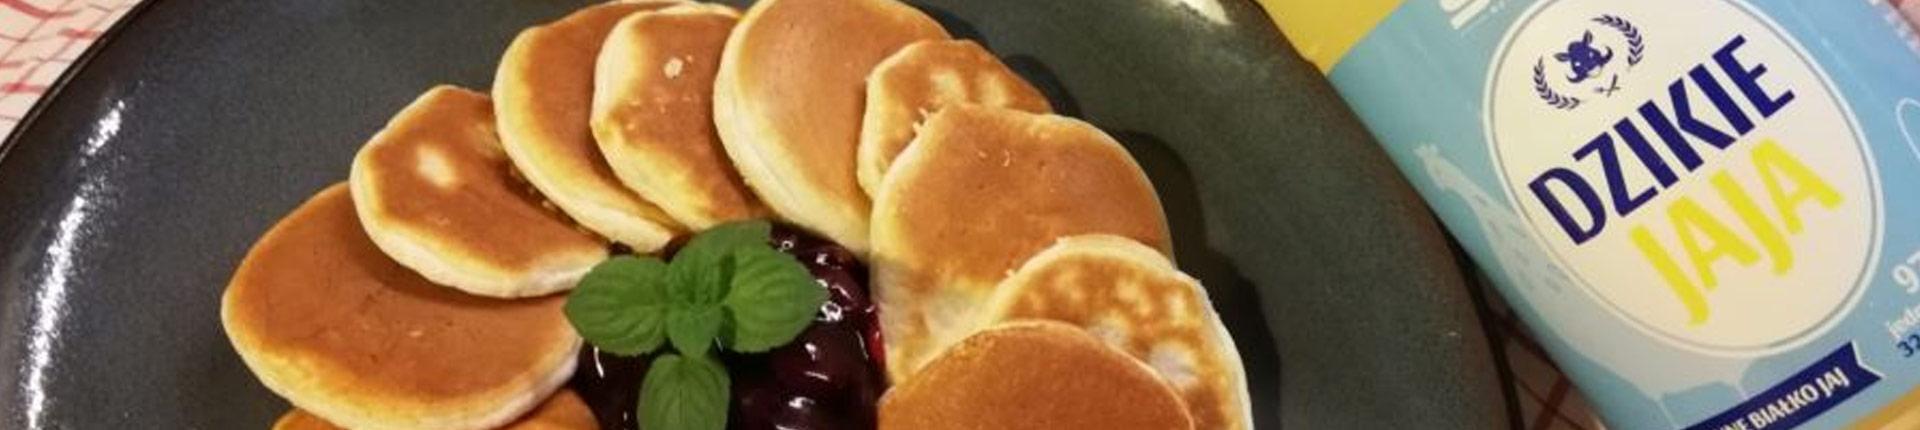 Przepis na omlet gryczany z fit frużeliną